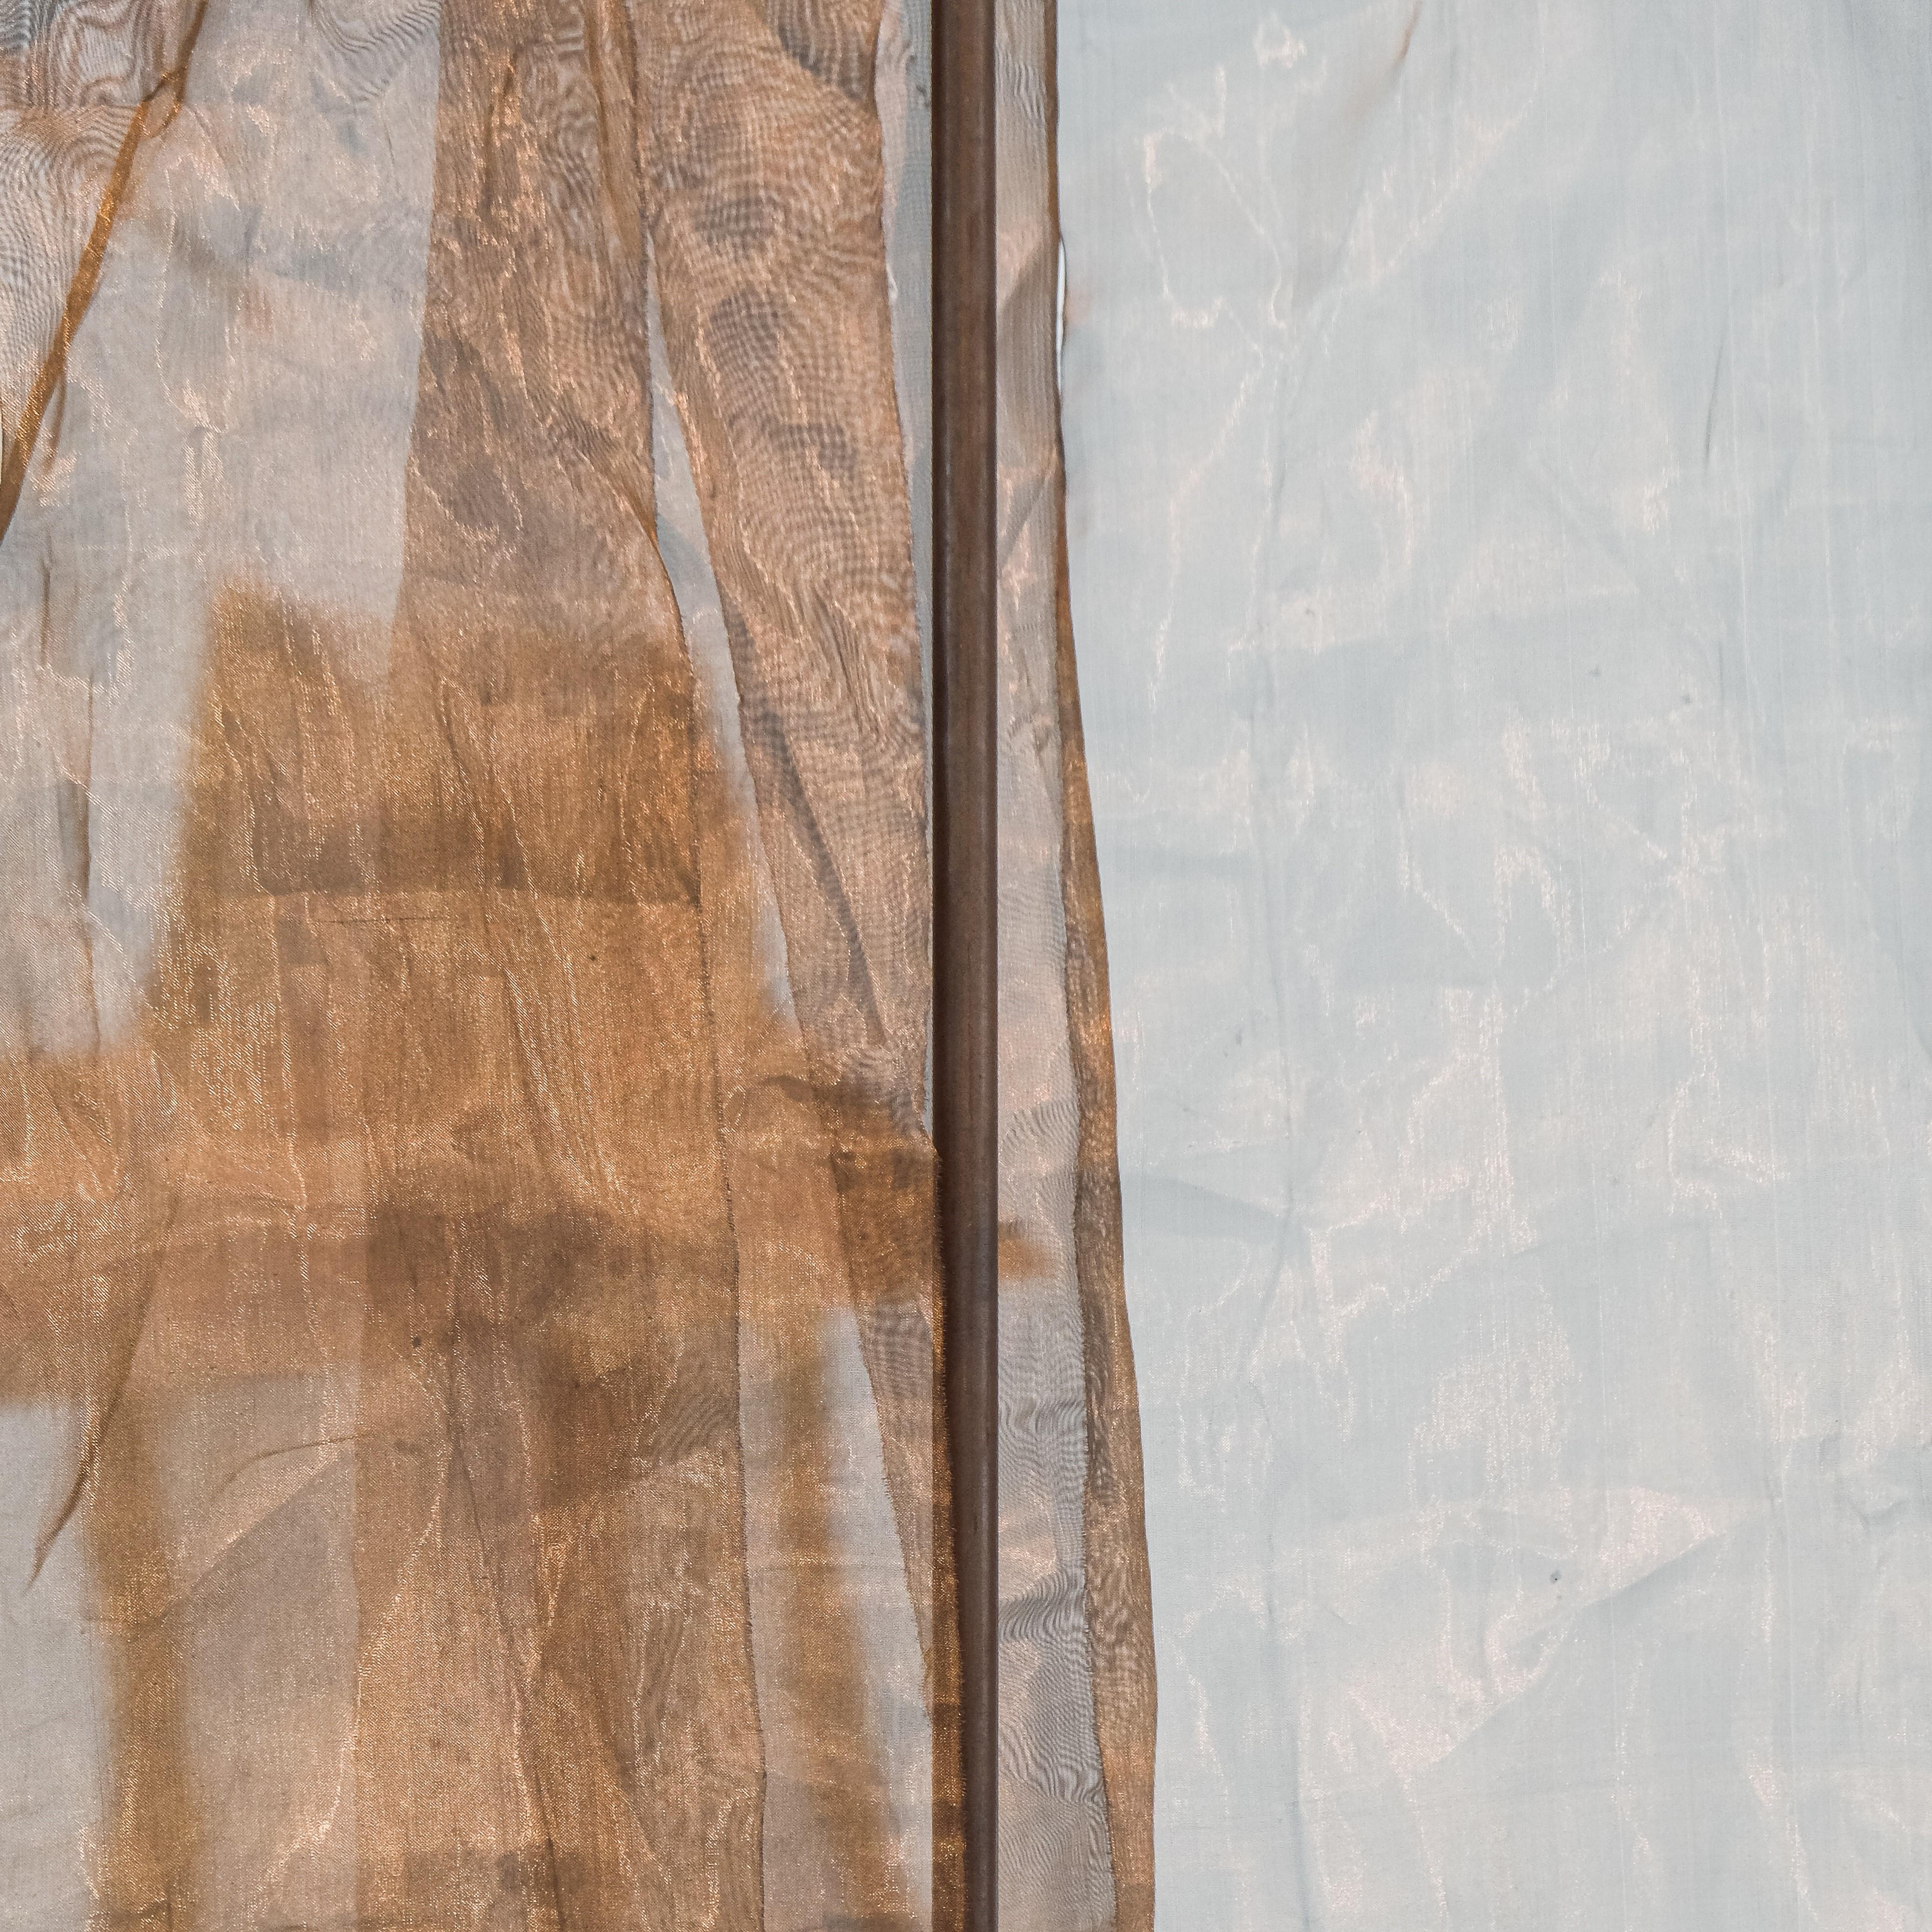 Photographie d'une étoffe en soie couleur marron